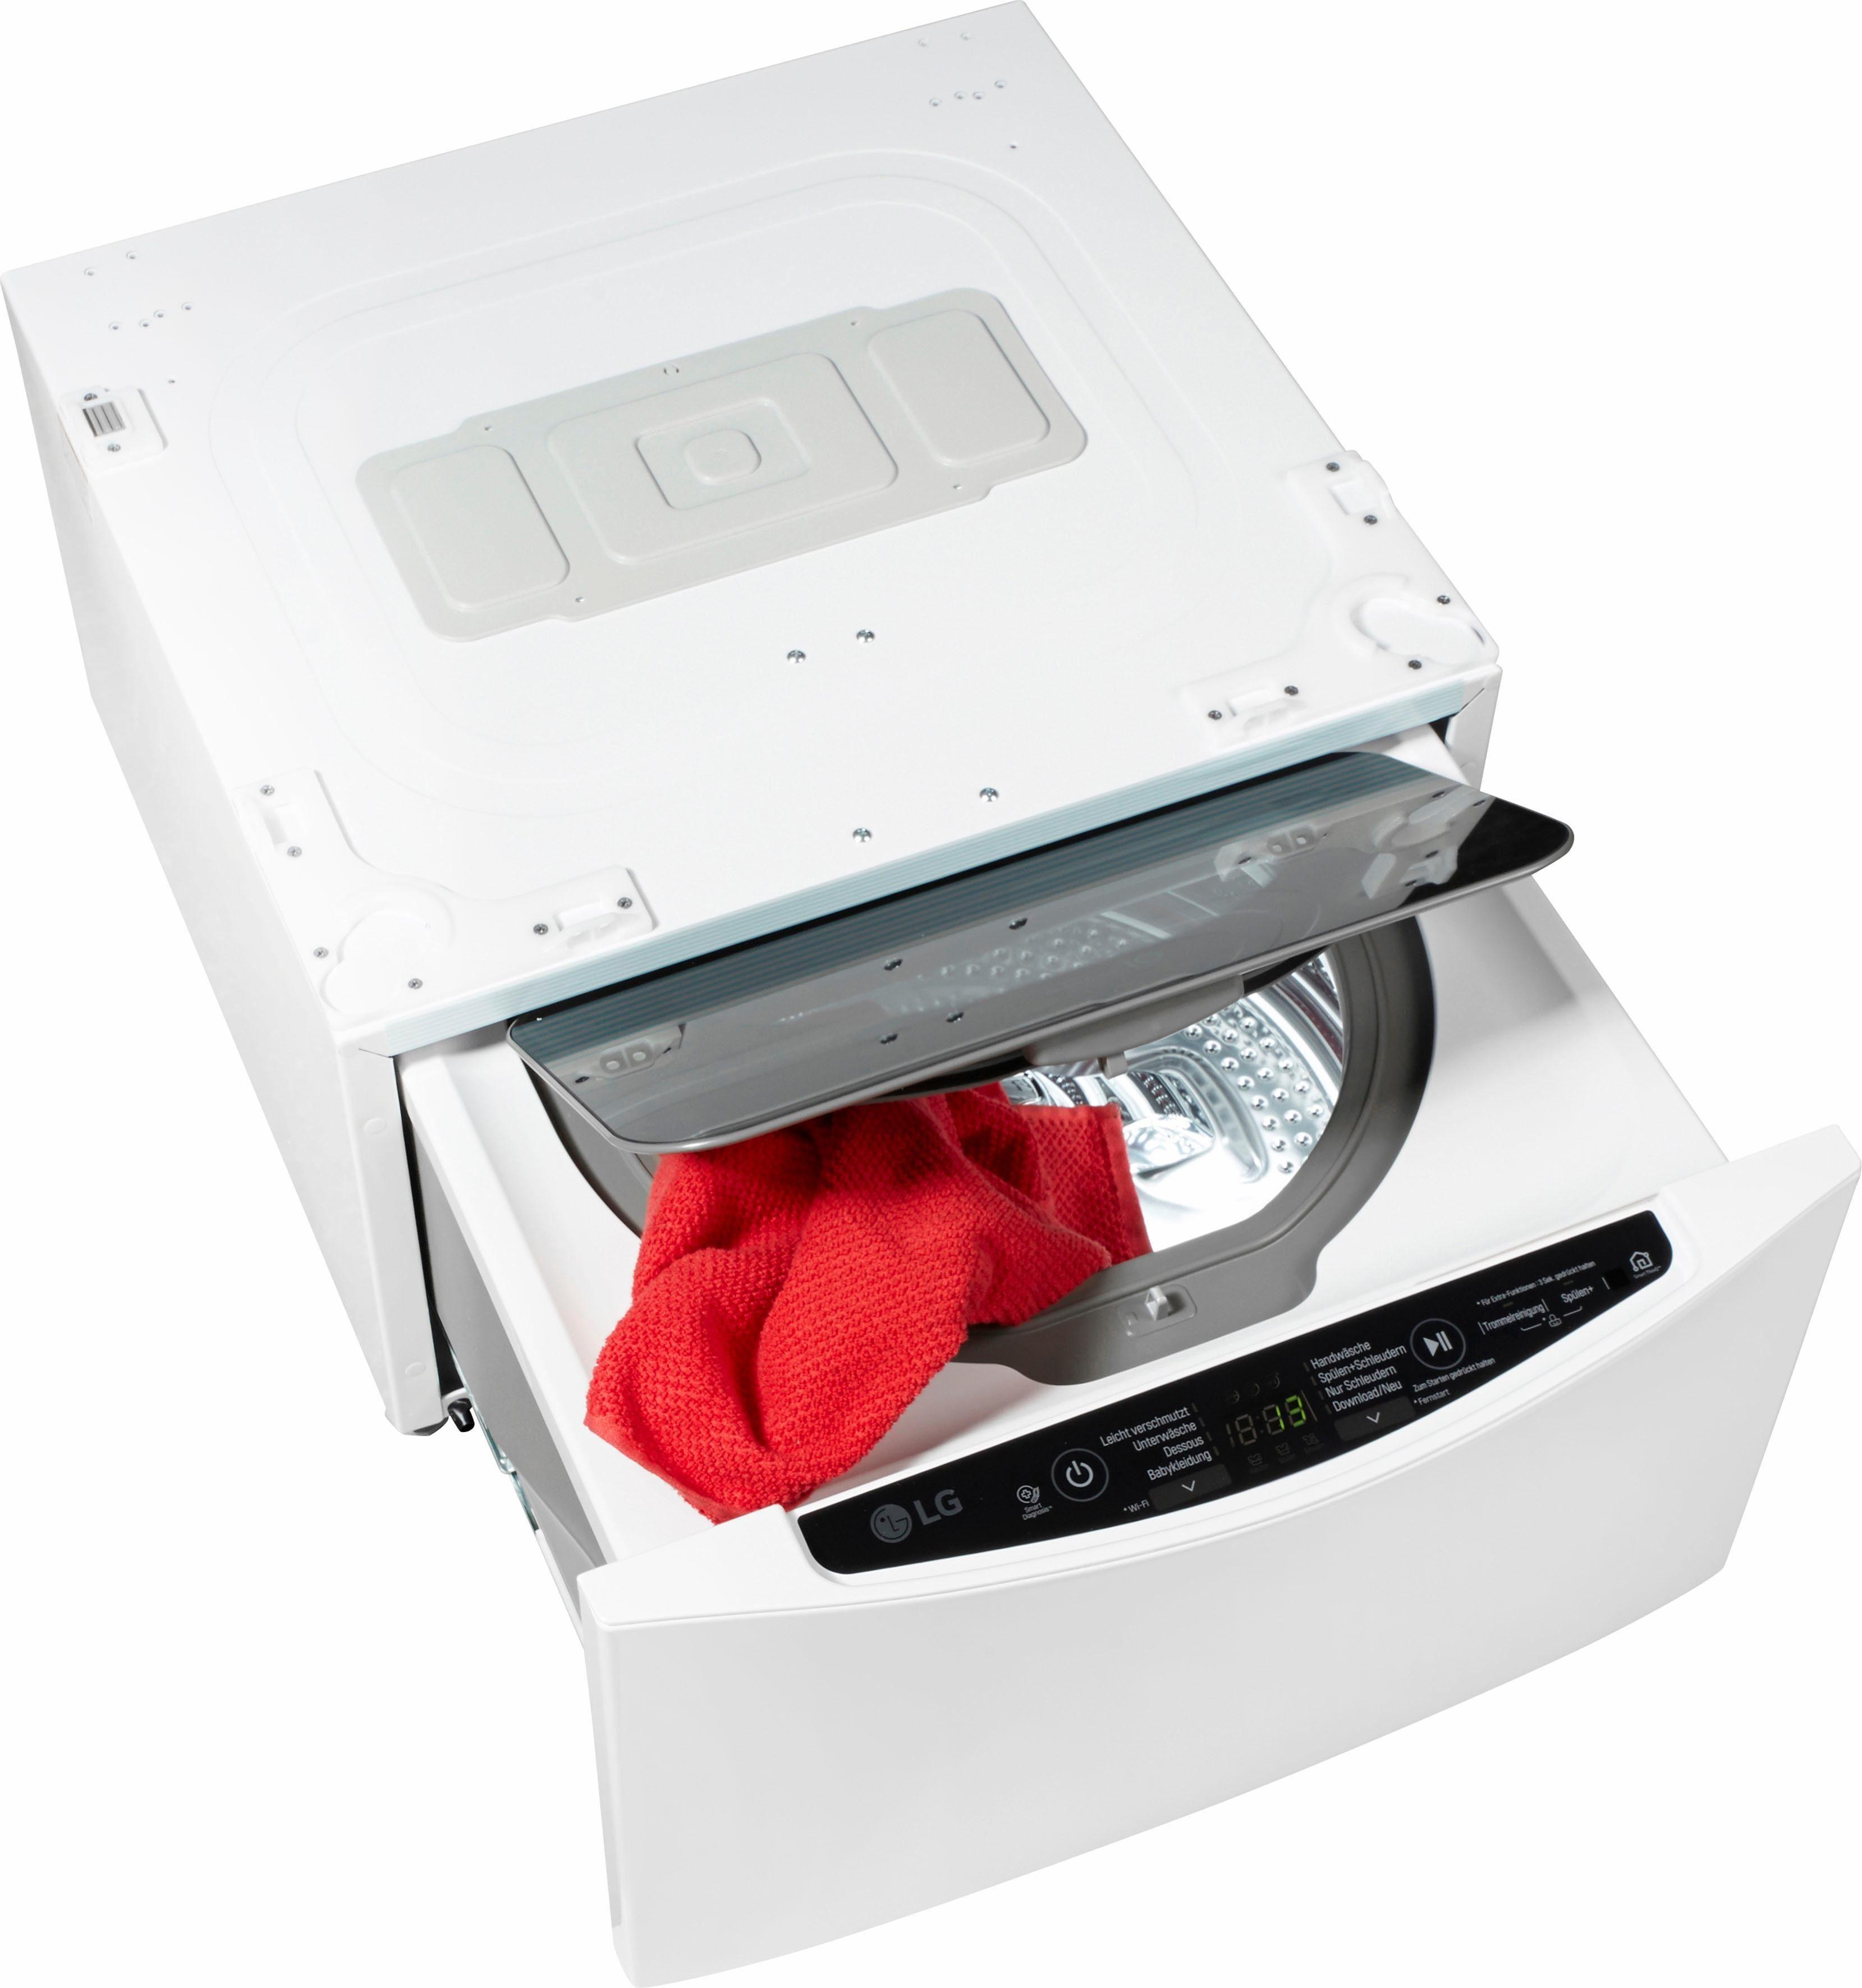 LG Waschmaschine T7WM2MINI, 2 kg, 700 U/Min